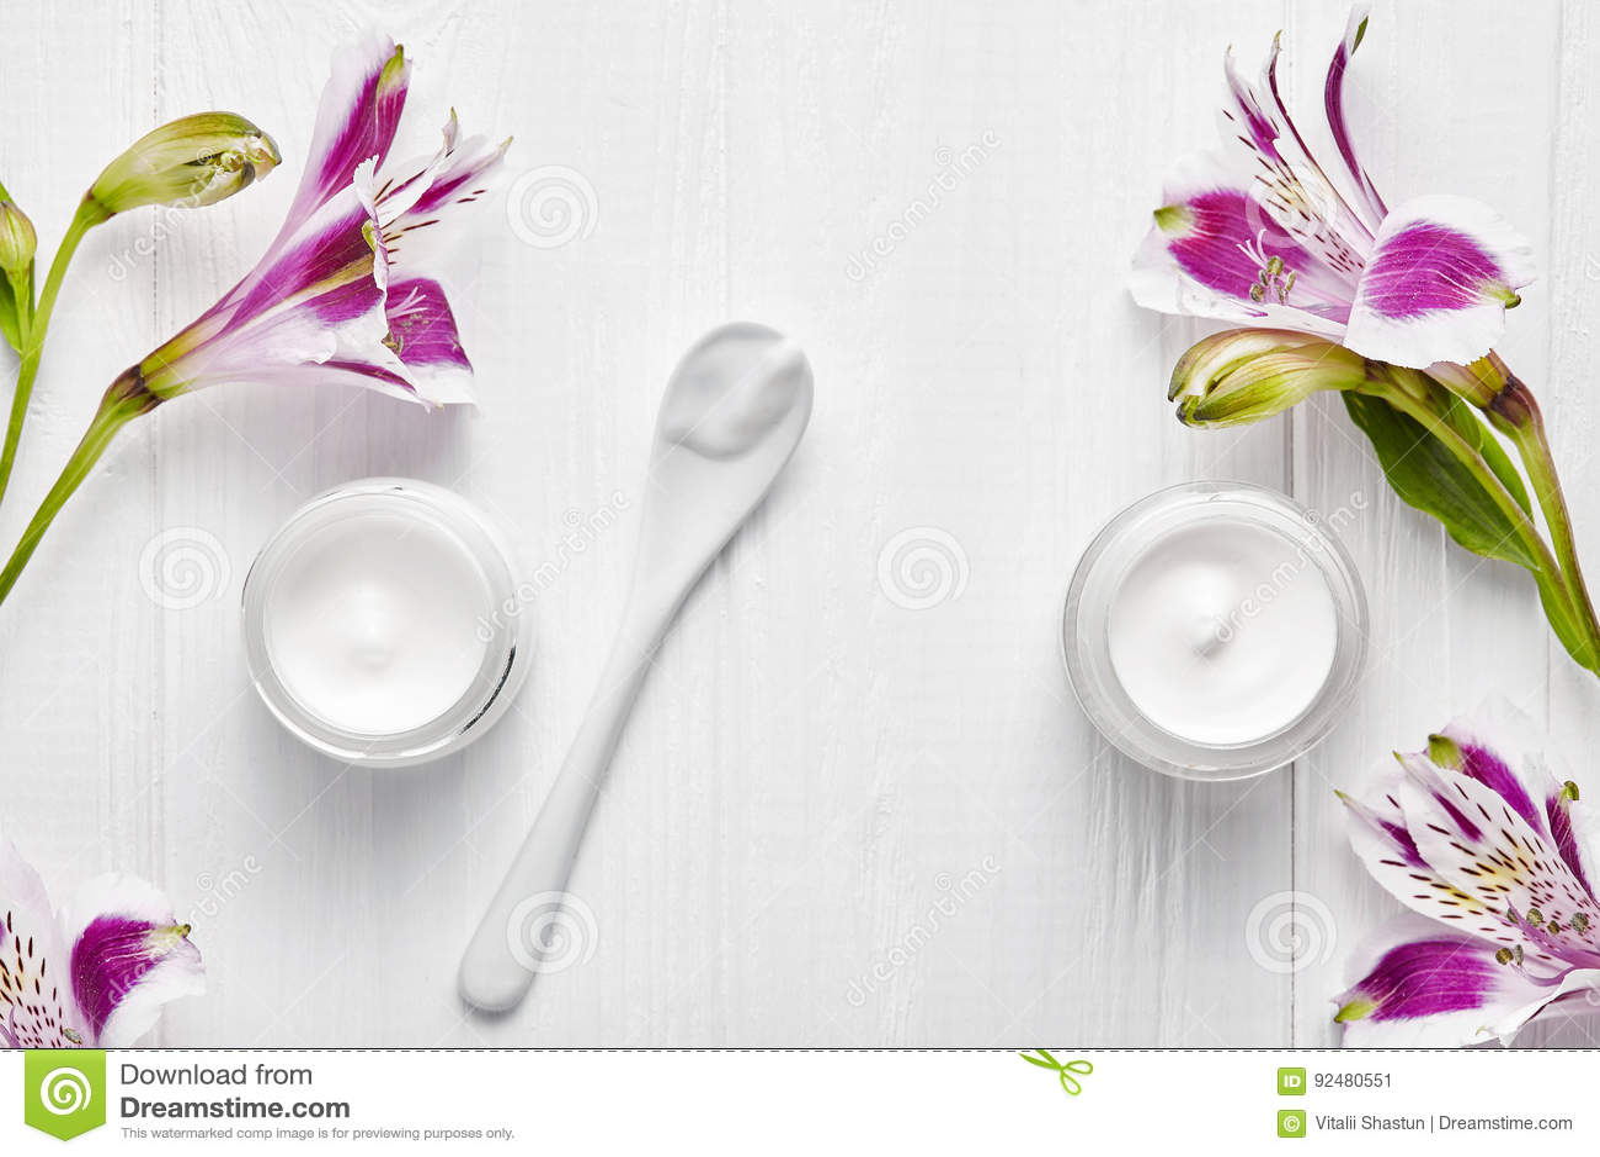 Het vermoeide de therapie van de skincare medische schoonheid van de huid kosmetische room gezichts professionele reinigingsmidde